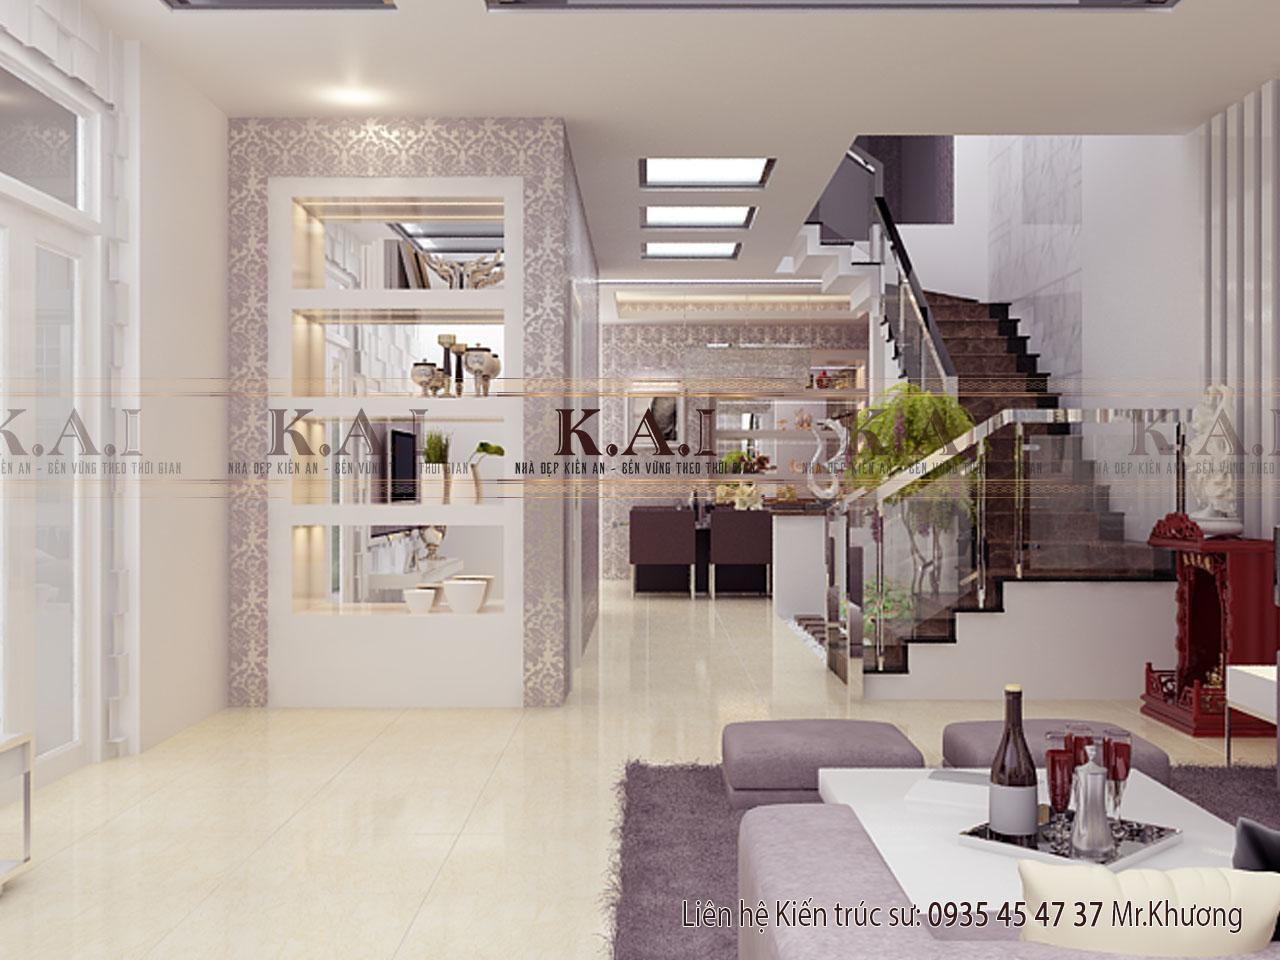 Mẫu thiết kế nội thất hiện đại tông màu ấn tượng tại Bà Rịa